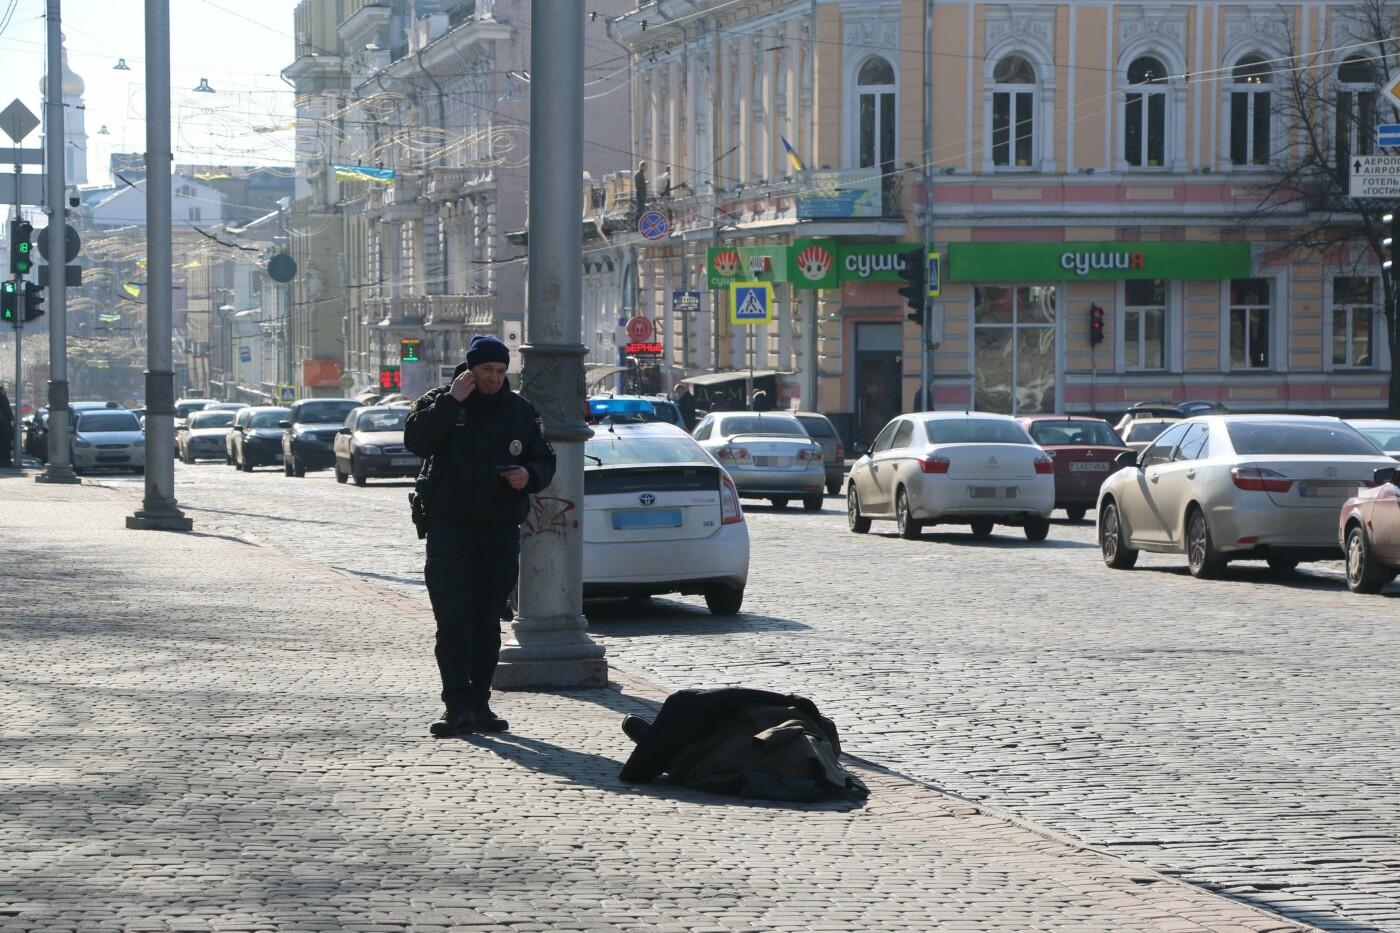 В Харькове возле «Зеркальной струи» из-за сердечного приступа умер мужчина, - ФОТО, фото-1